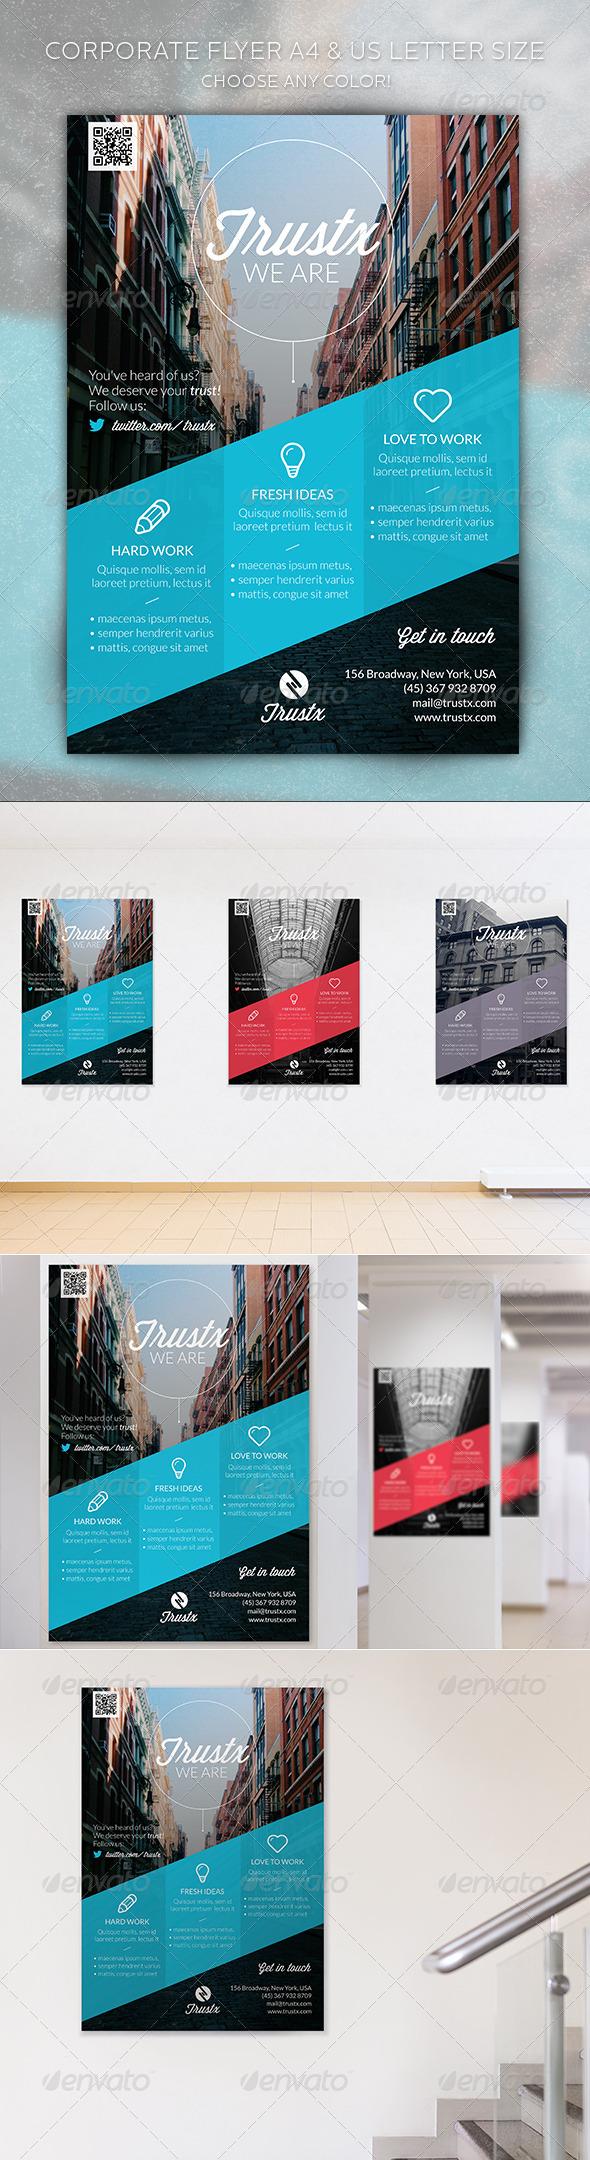 GraphicRiver Trustx Corporate Flyer 5418610